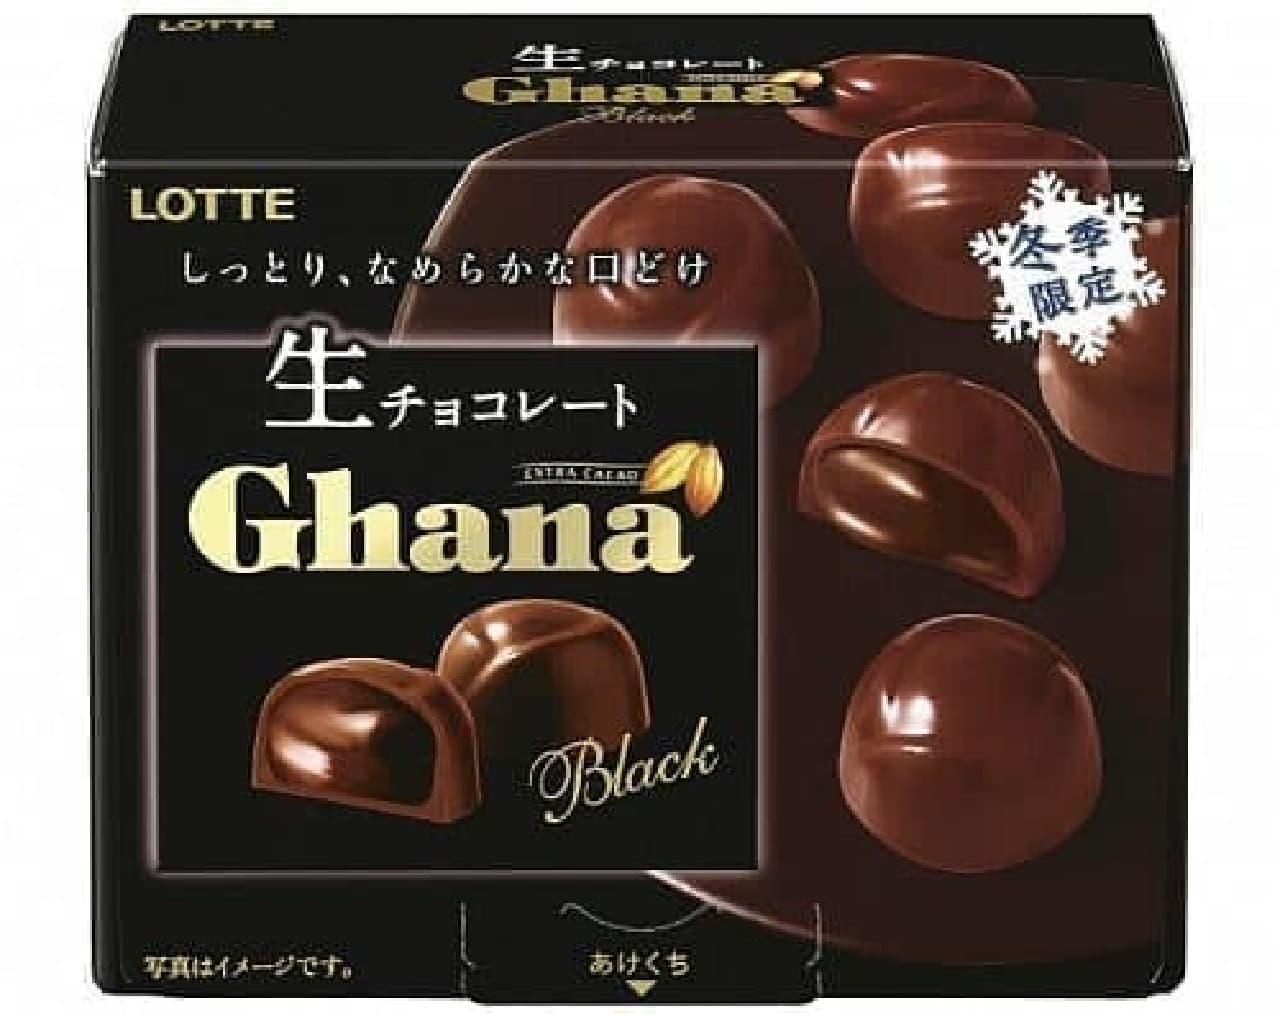 ロッテ「ガーナ生チョコレート<ブラック>」